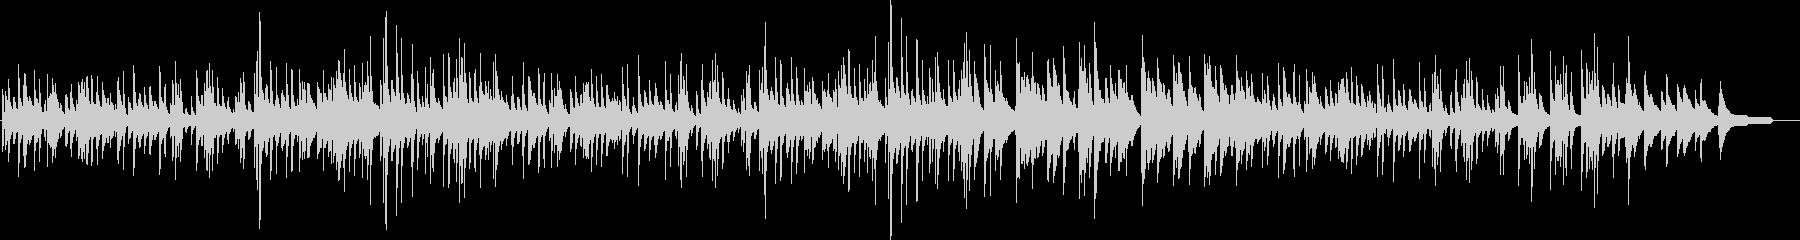 切ないピアノソロメロディ・ジブリ風の未再生の波形